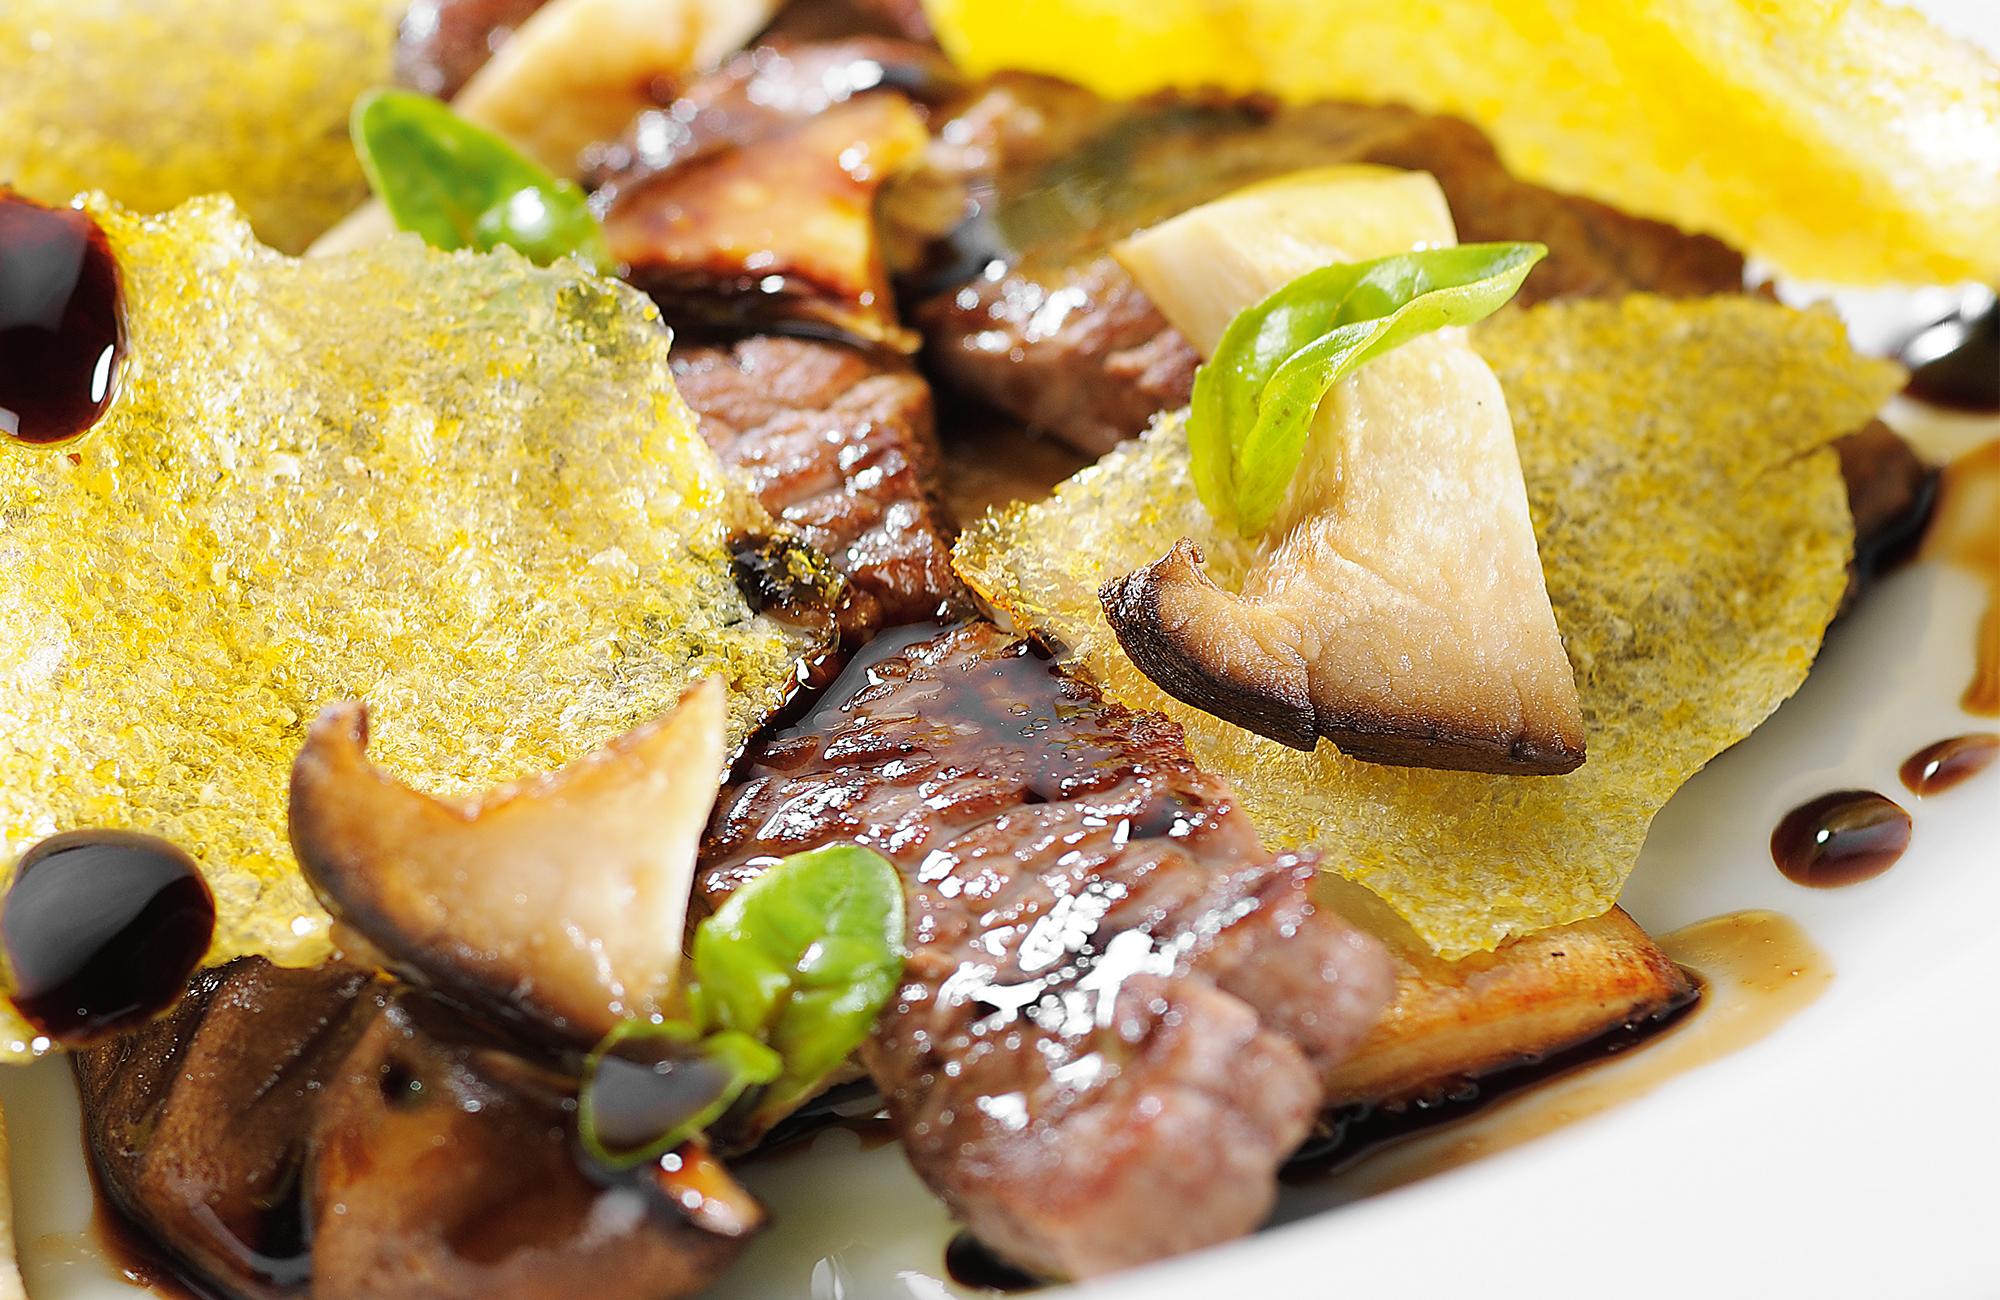 Sminuzzato di manzo marinato all'Aceto Balsamico di Modena IGP Ponti con cialde di polenta e funghi